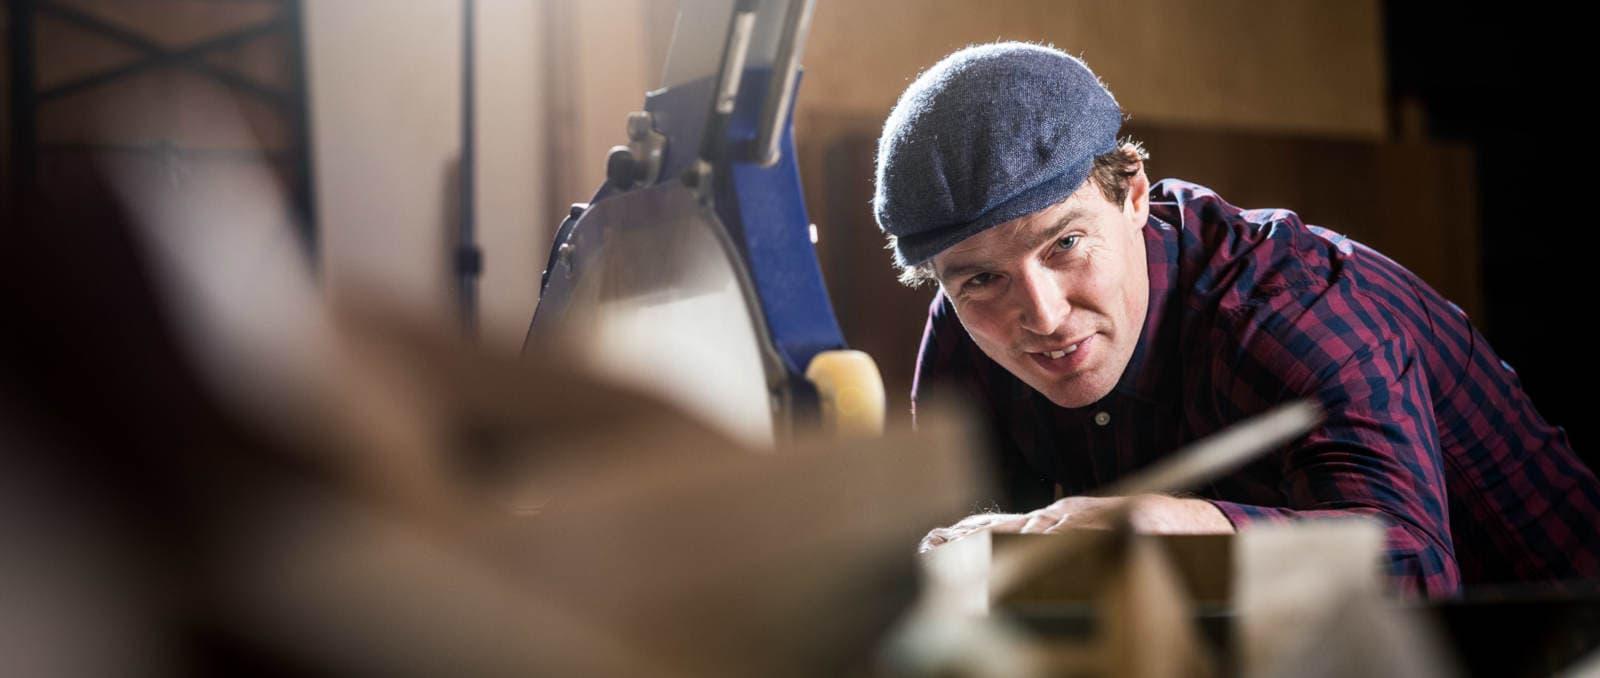 Lars Wilmer in der Manufaktur